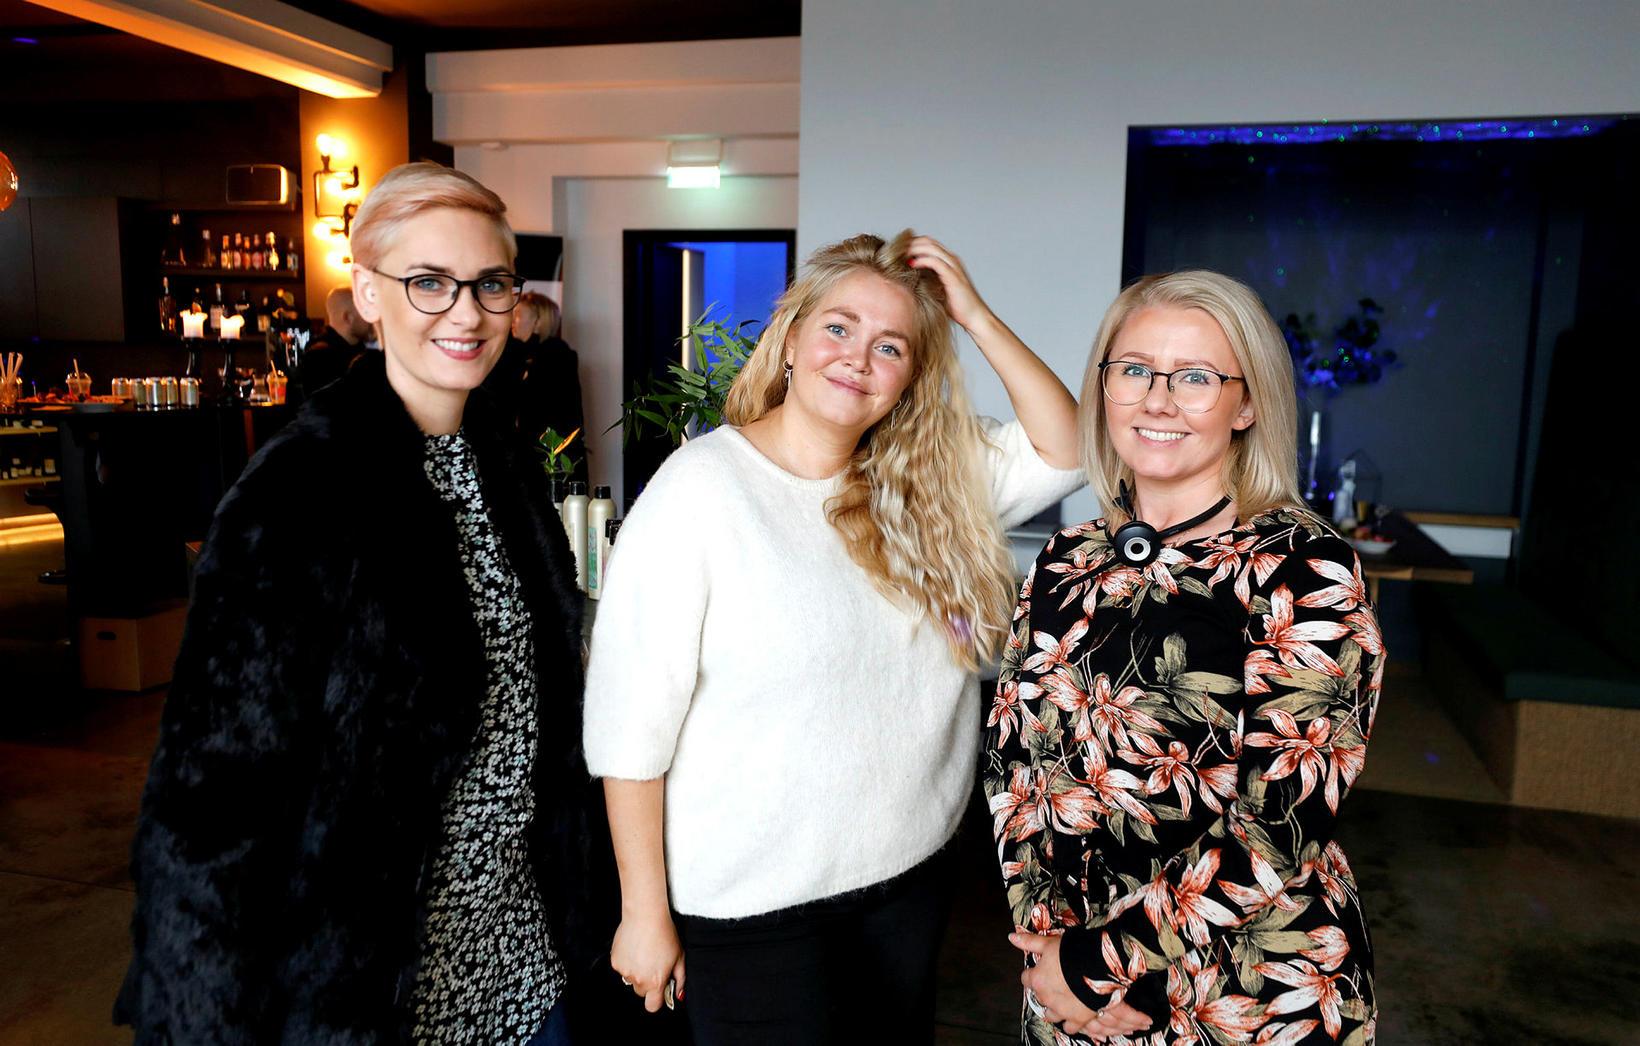 Svanhildur Ósk Guðjónsdóttir, Fía Ólafsdóttir og Fjóla Traustadóttir.